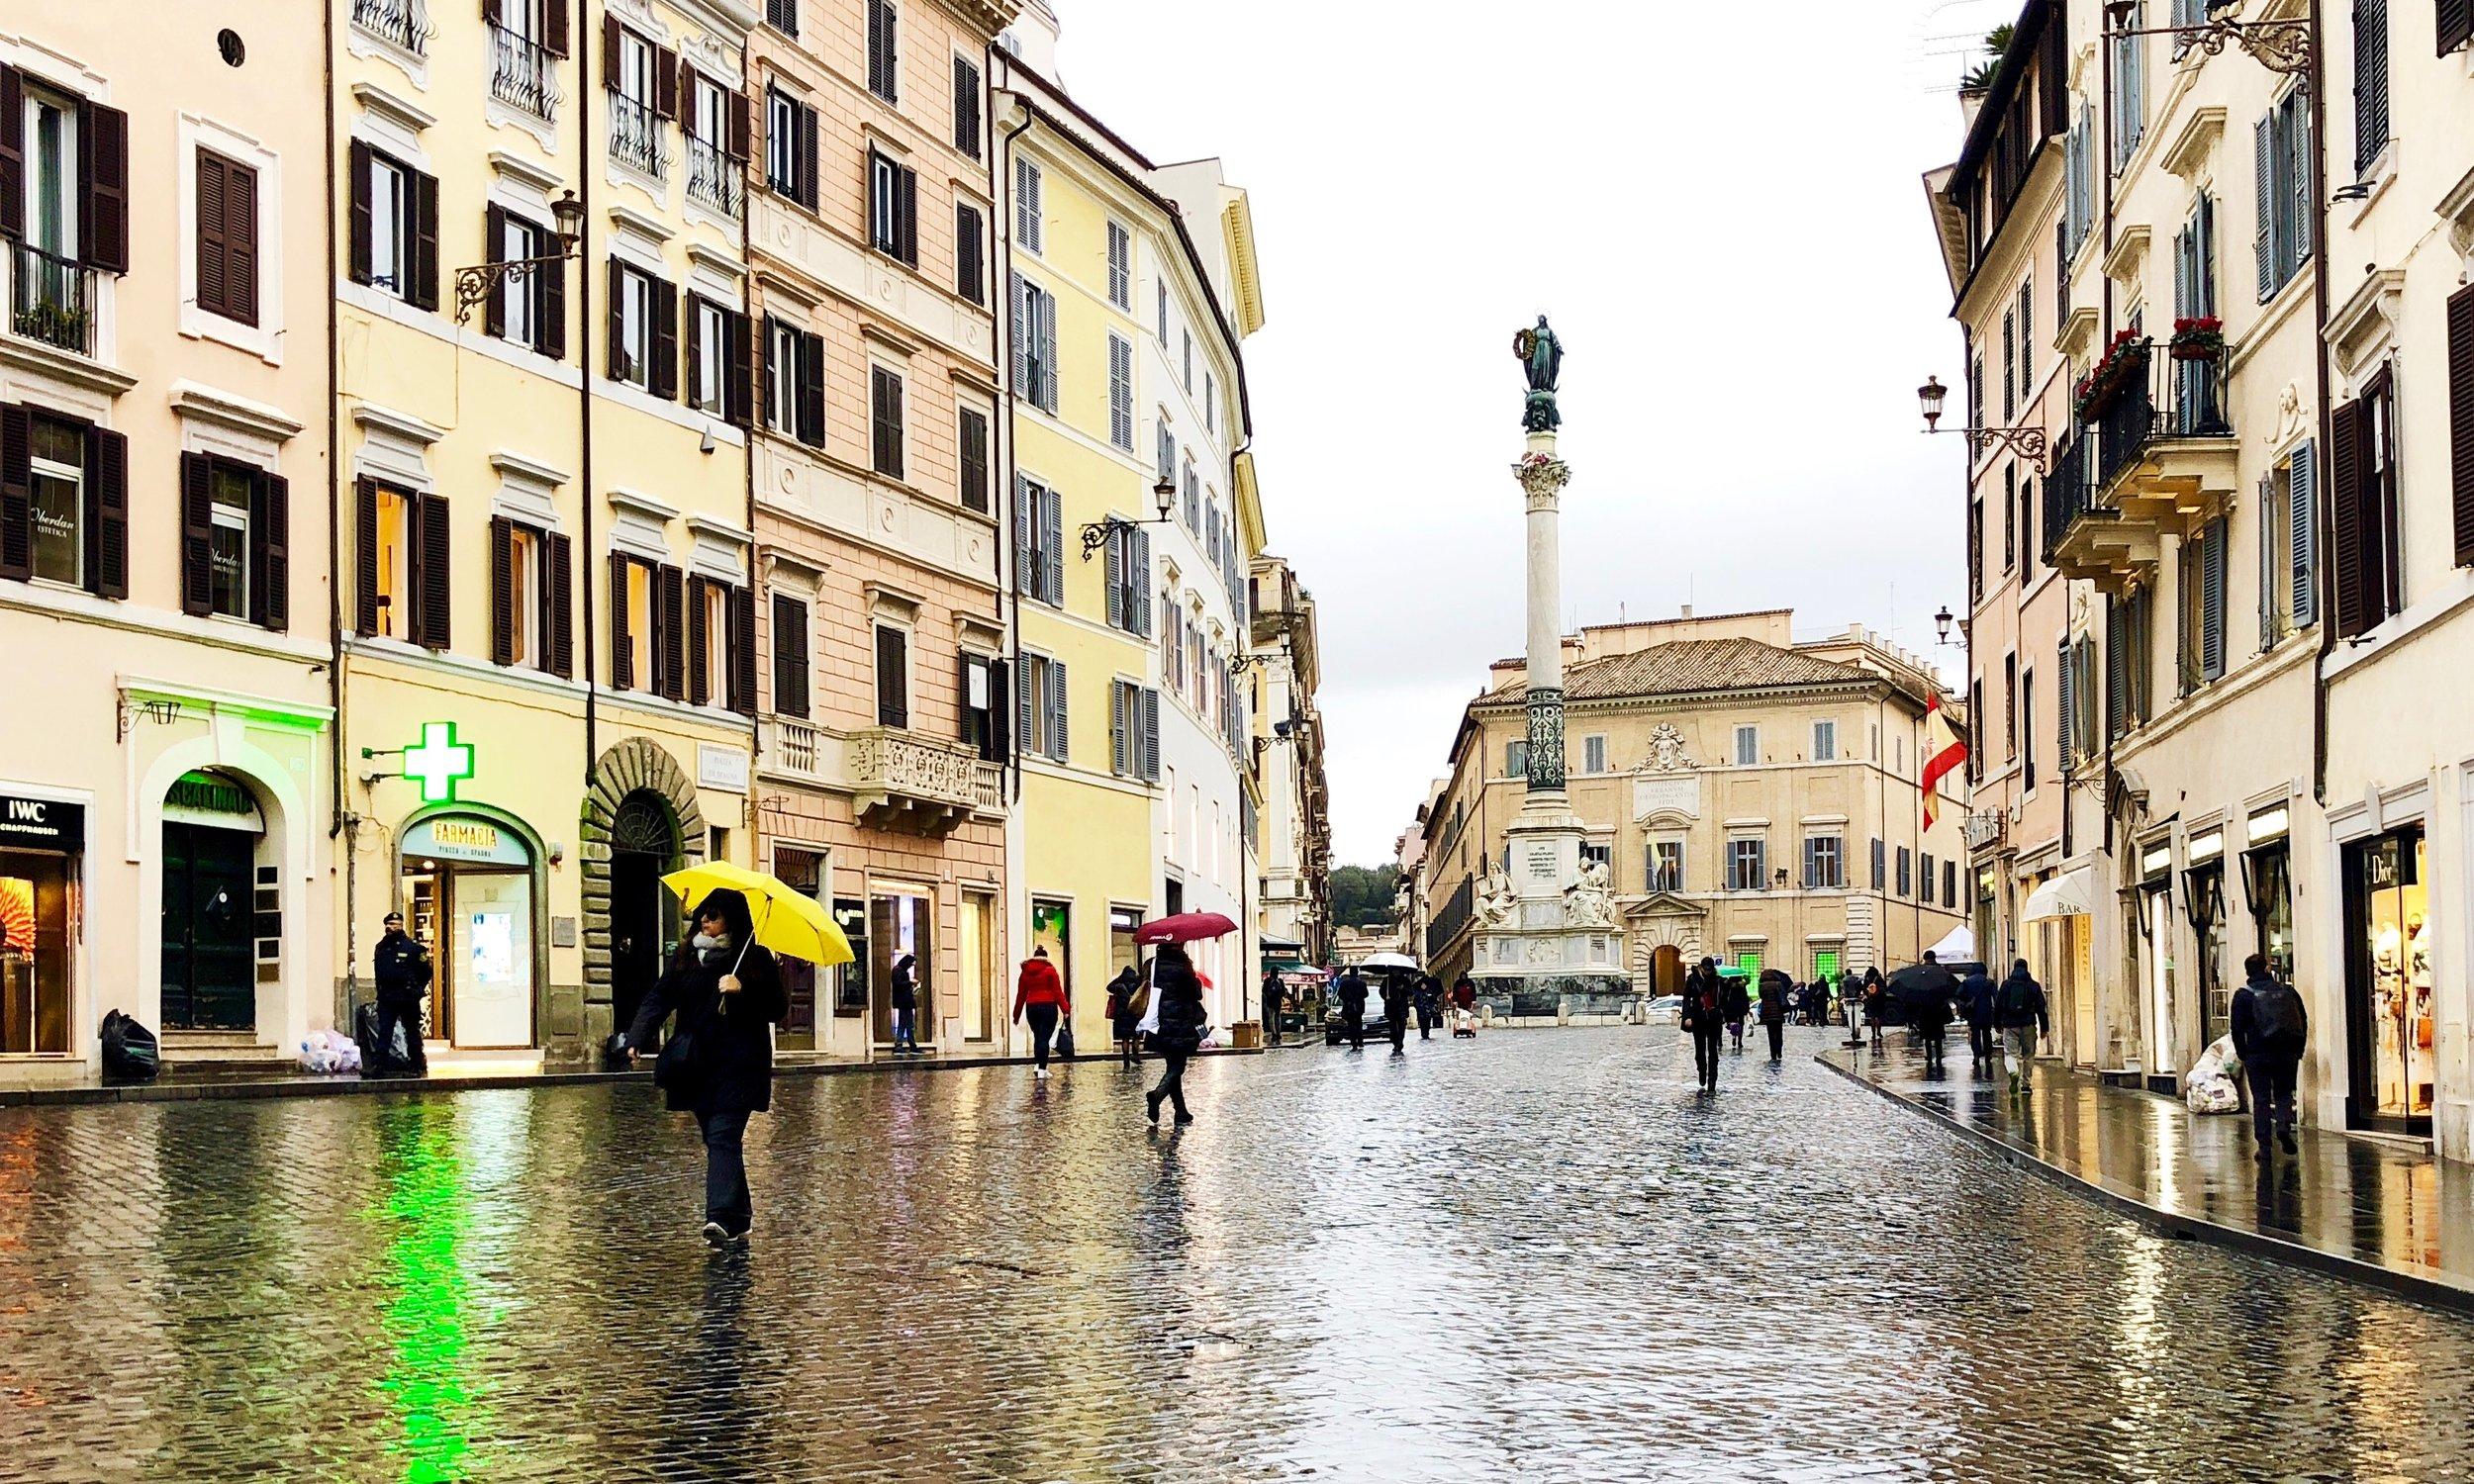 Piazza di Spagna in the rain.